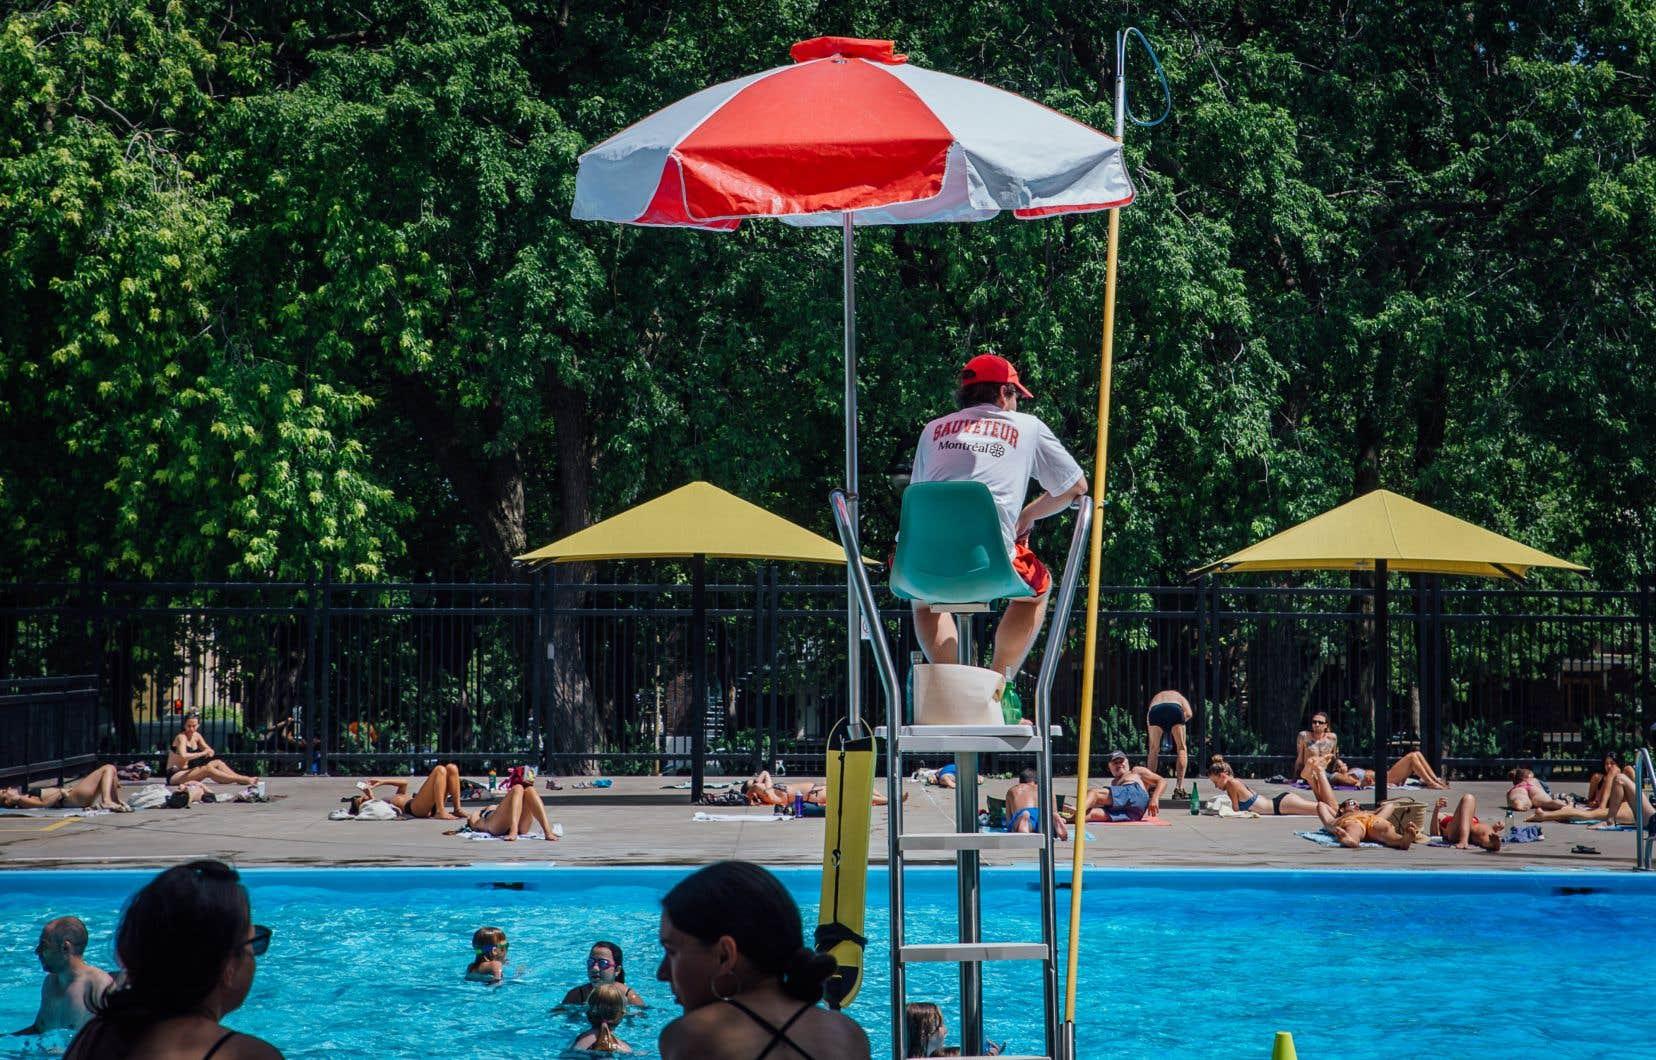 Les sommes allouées serviront à payer les coûts relatifs à l'engagement de moniteurs et de sauveteurs, à la location des piscines et au transport des jeunes qui suivront les formations.